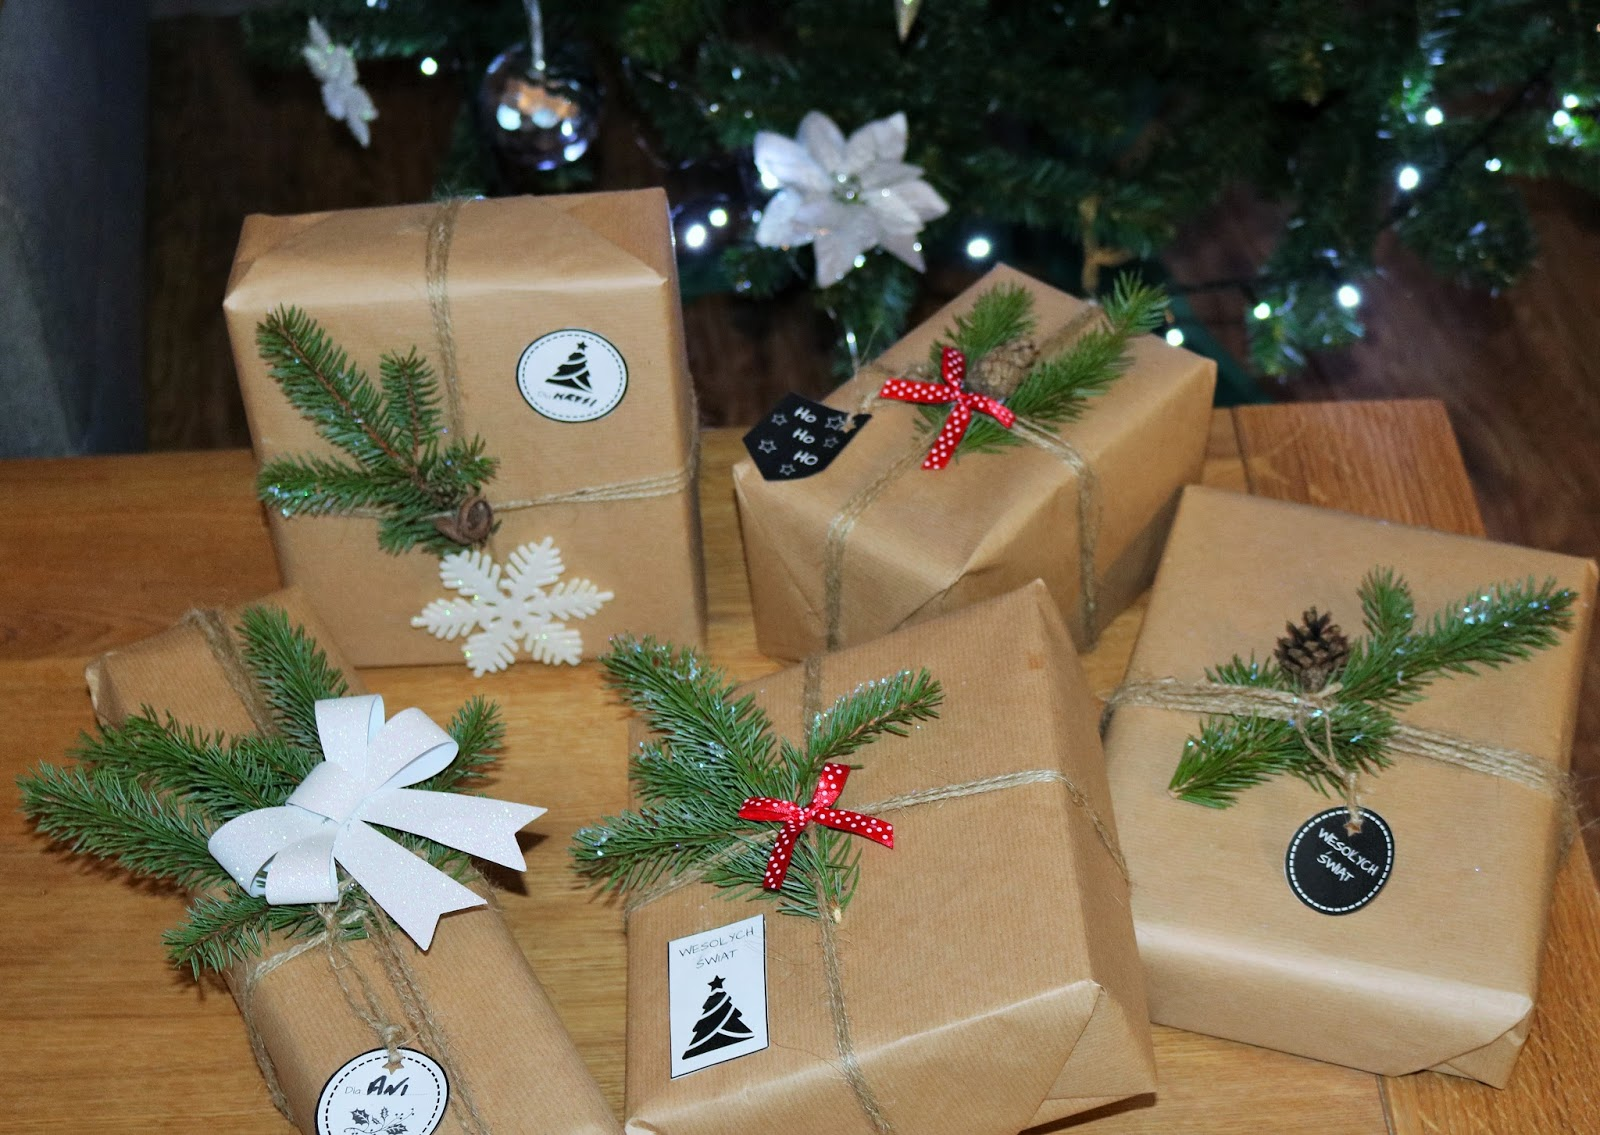 pomysł na pakowanie prezentów ładnie i tanio